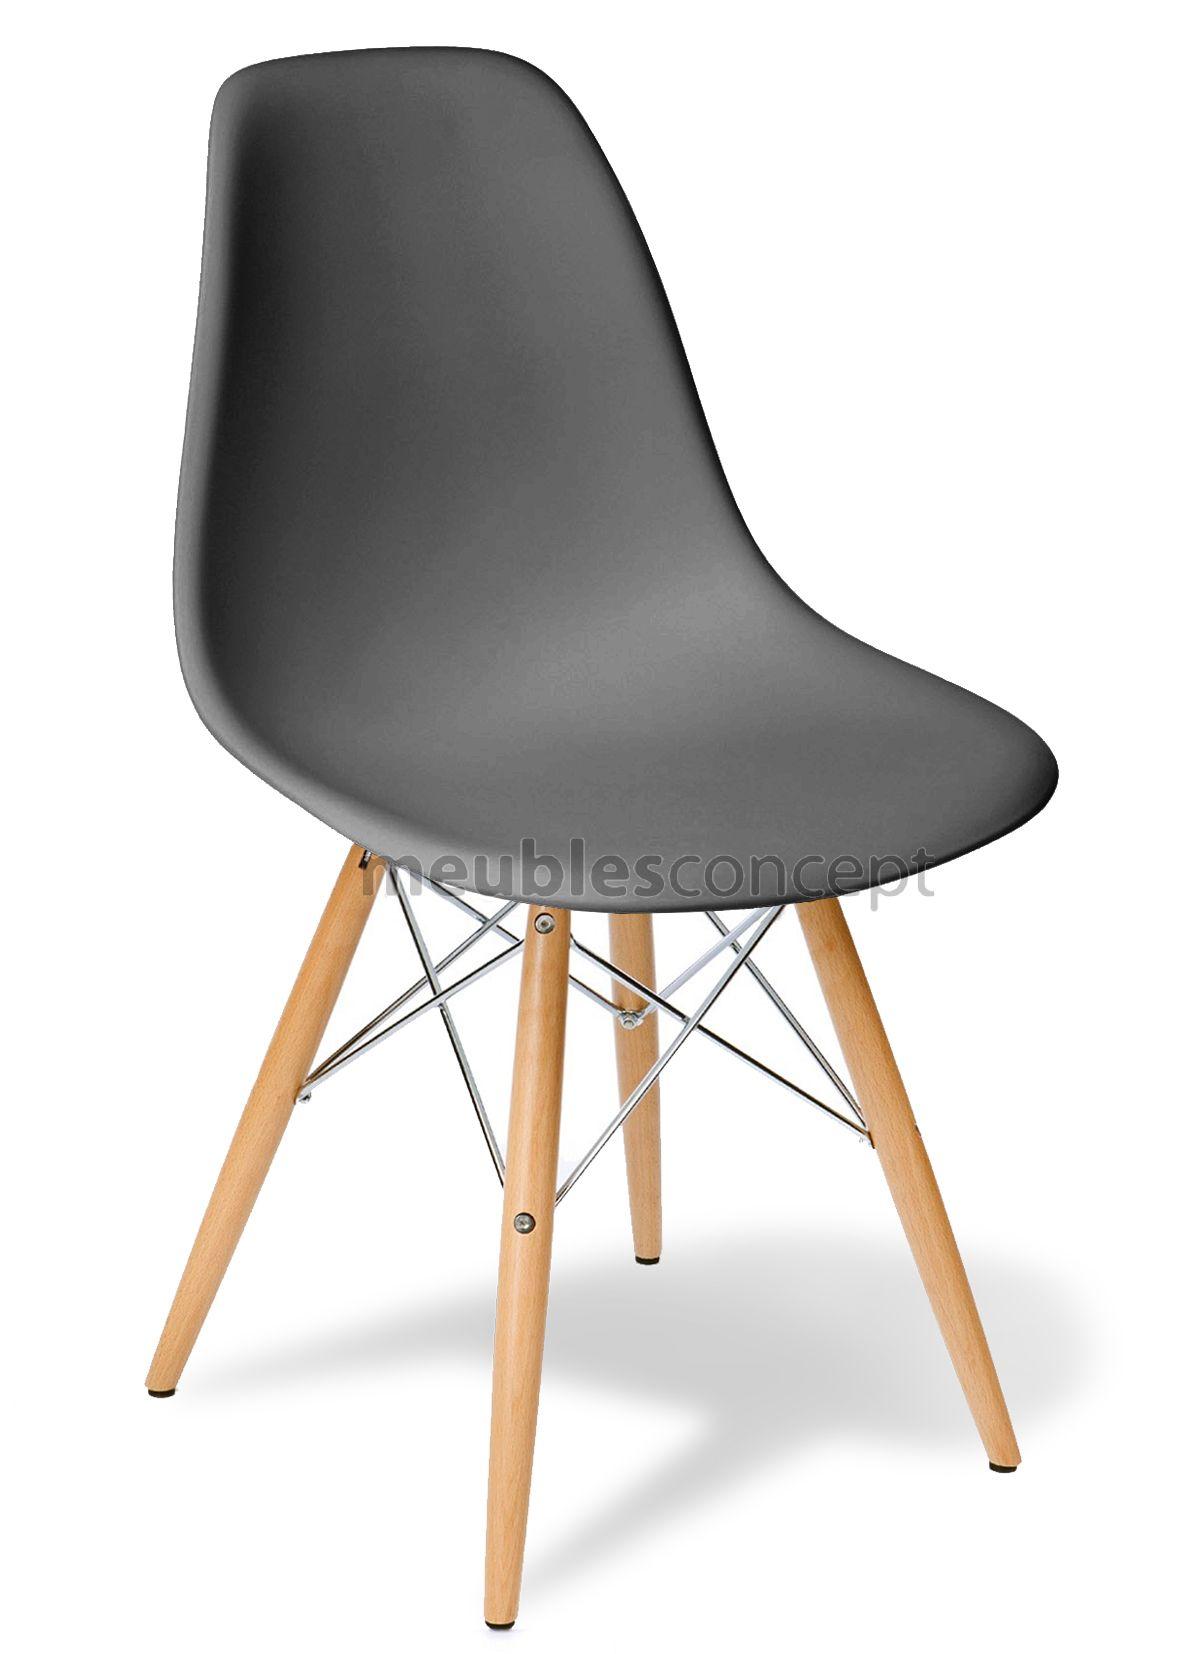 29ae788a18e2c5d9d5dc0a4d01182d20 Meilleur De De Meuble De Style Des Idées